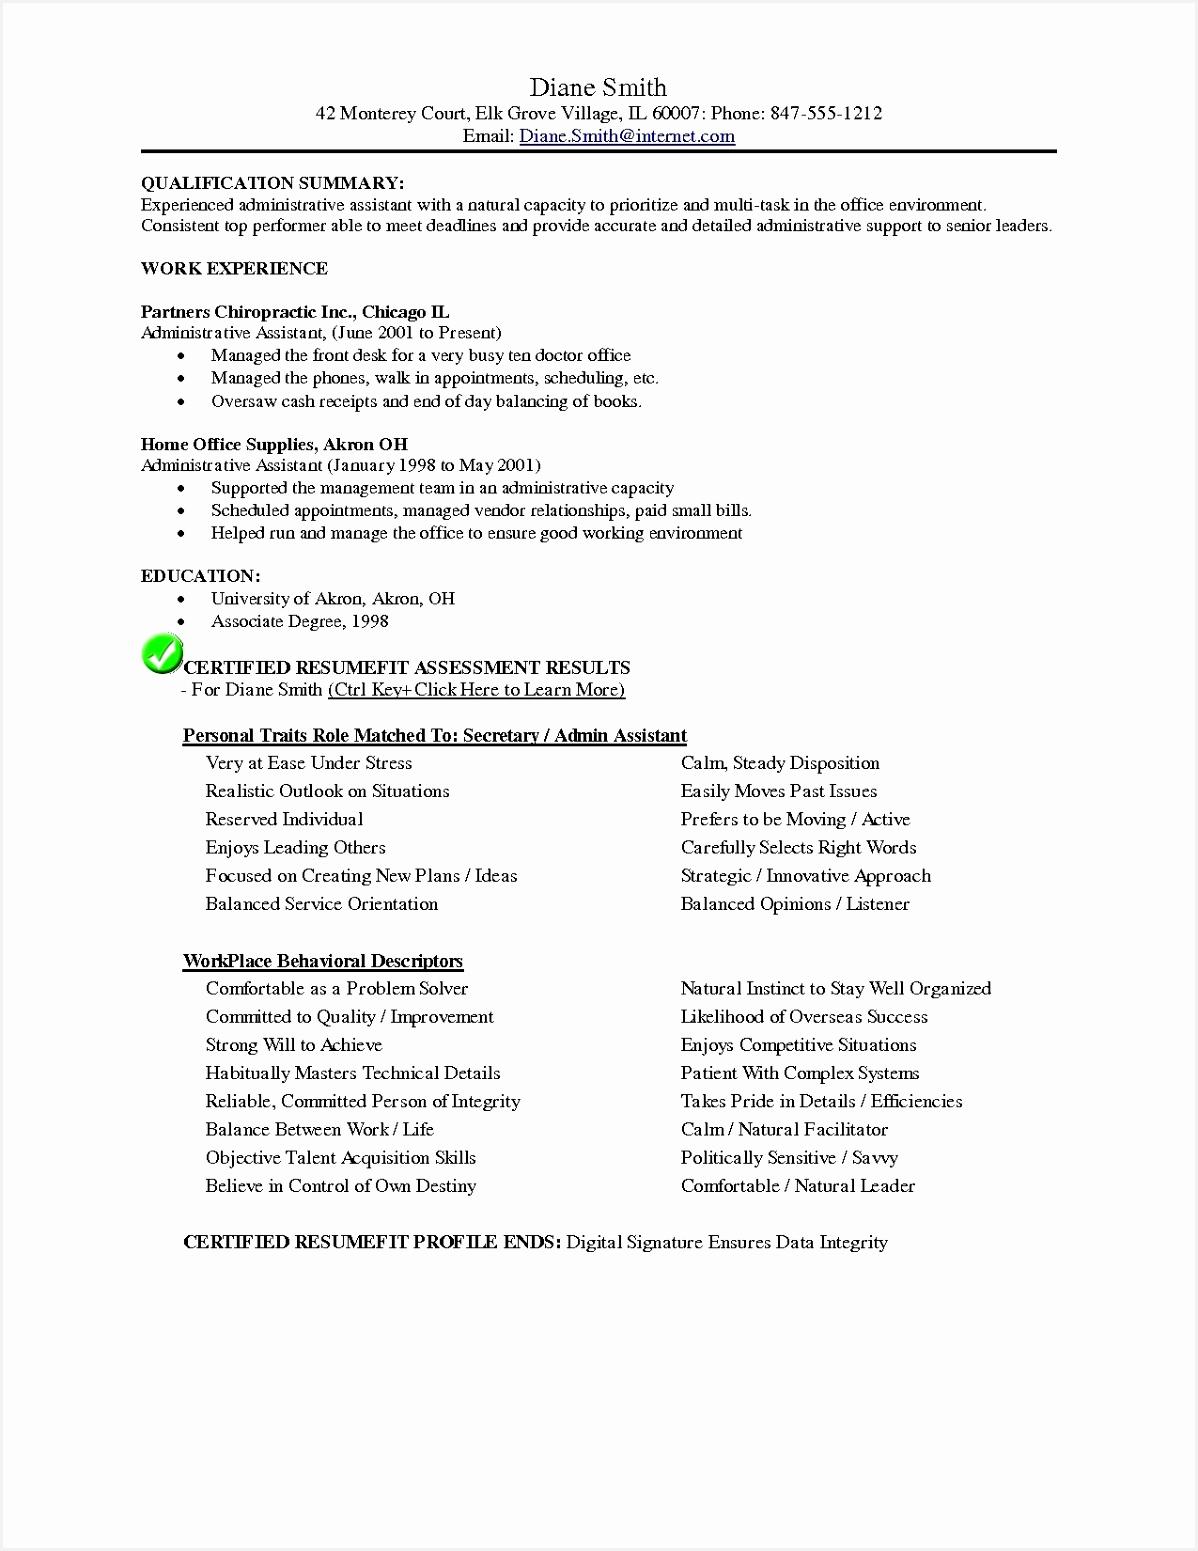 Sample Resume Of Secretary Gkkdj Elegant Teaching assistant Resume Samples Resume Examples for Teacher Of 6 Sample Resume Of Secretary